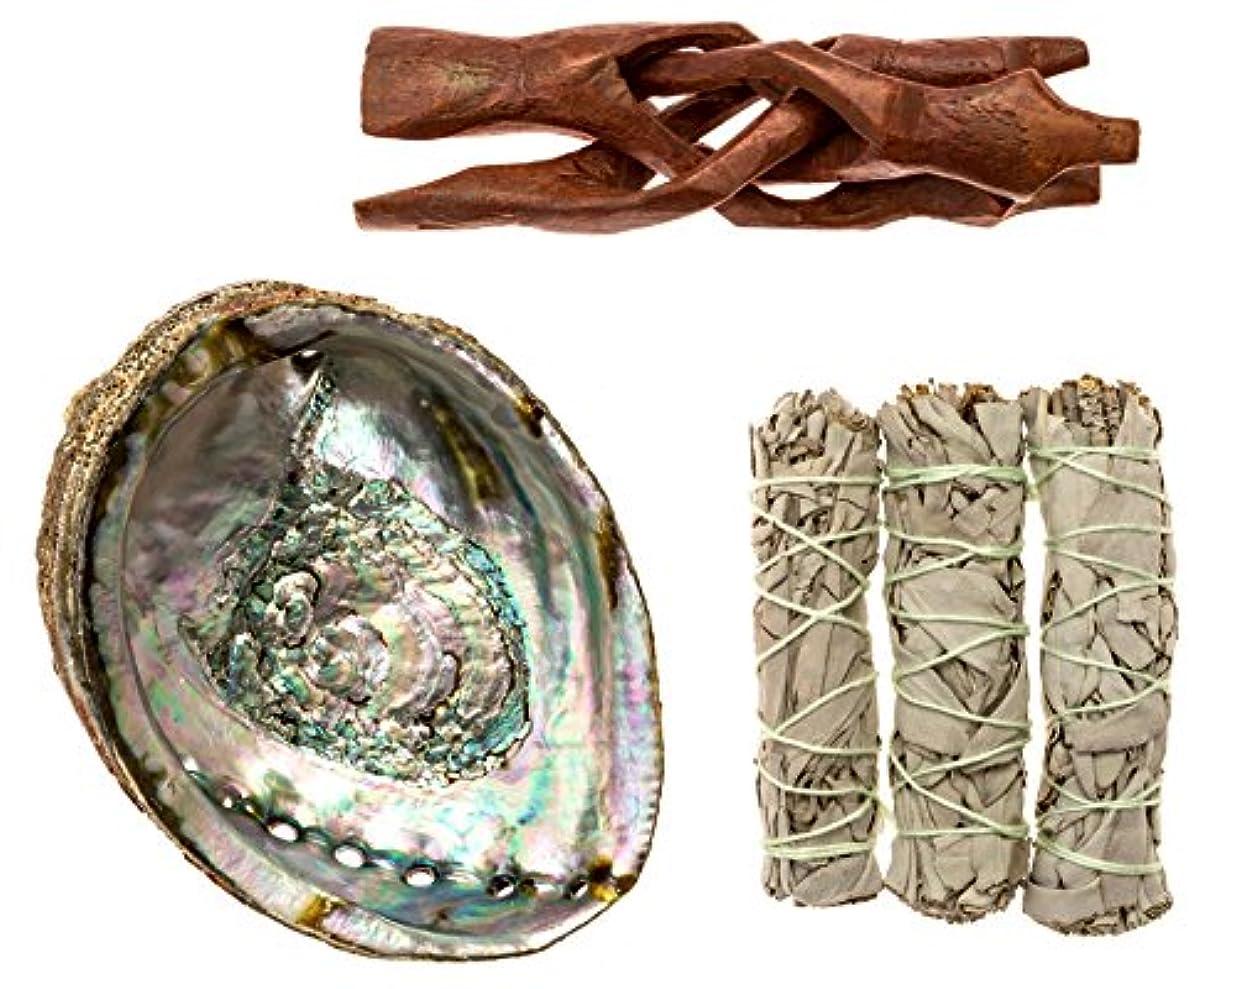 懸念楽観周術期Premium Abalone Shell with木製三脚スタンドと3カリフォルニアホワイトセージスマッジSticks for Incense燃焼、Home Fragrance、エネルギーClearing、ヨガ、瞑想。...